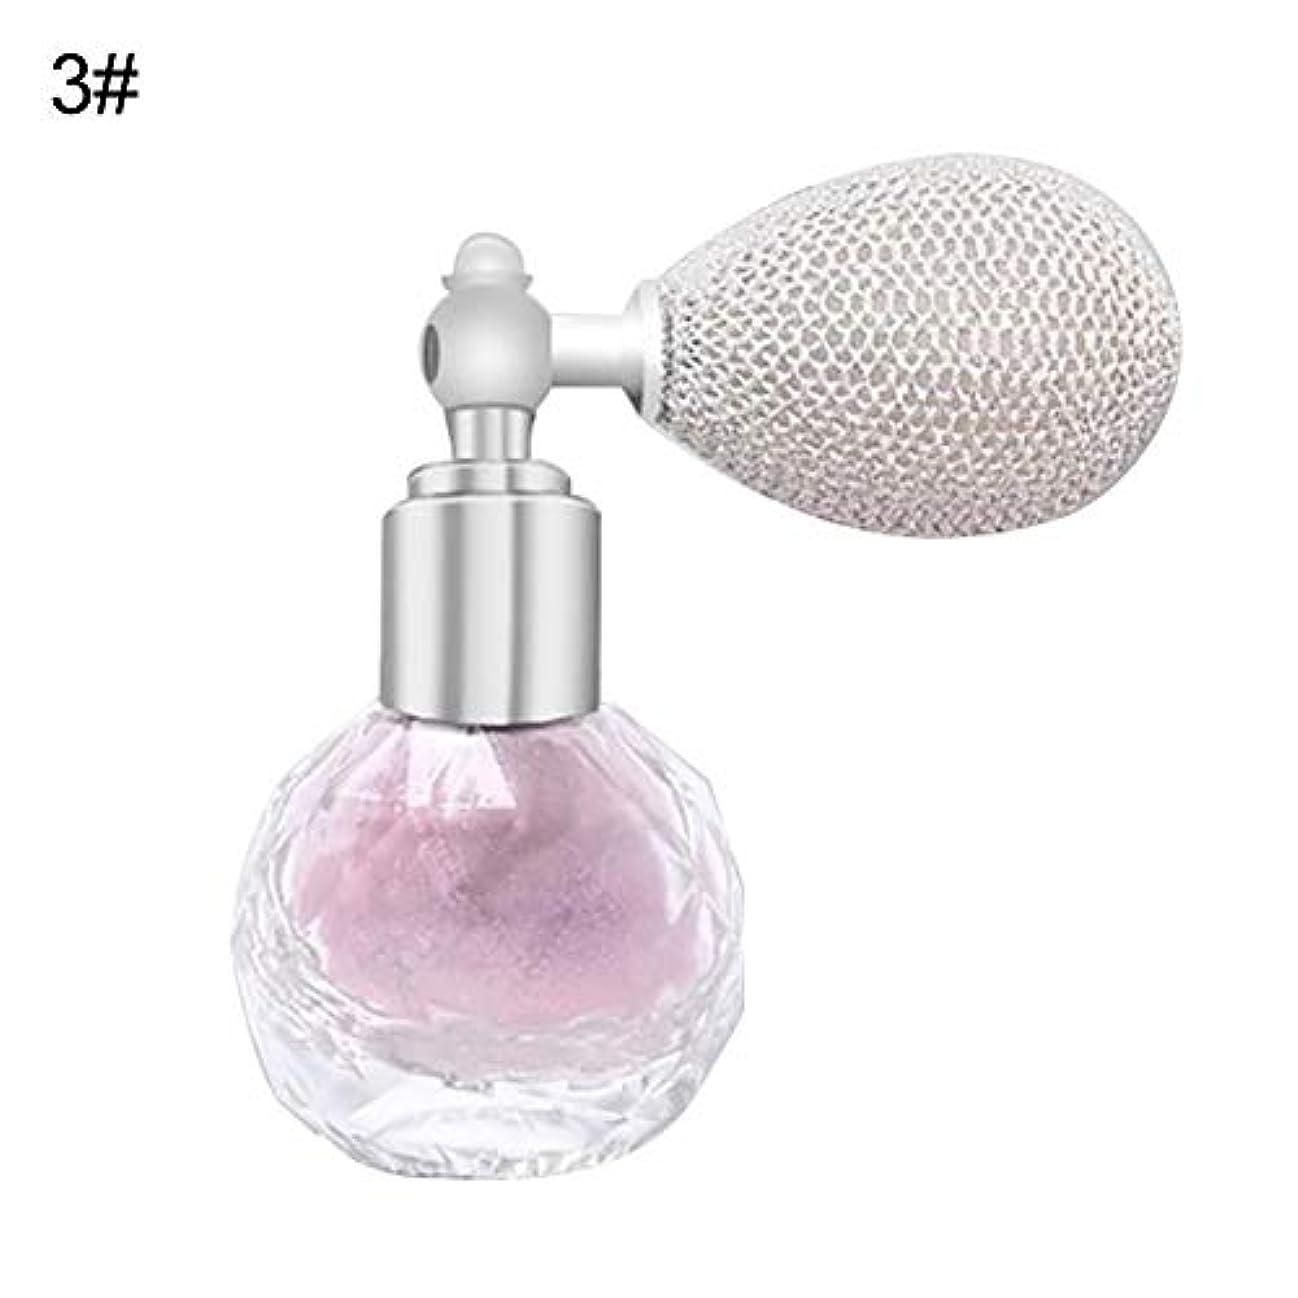 意図アウターなめらかなFANA女性エアバッグスプレーフレグランスグリッターハイライトパウダー美容化粧品 - 3#